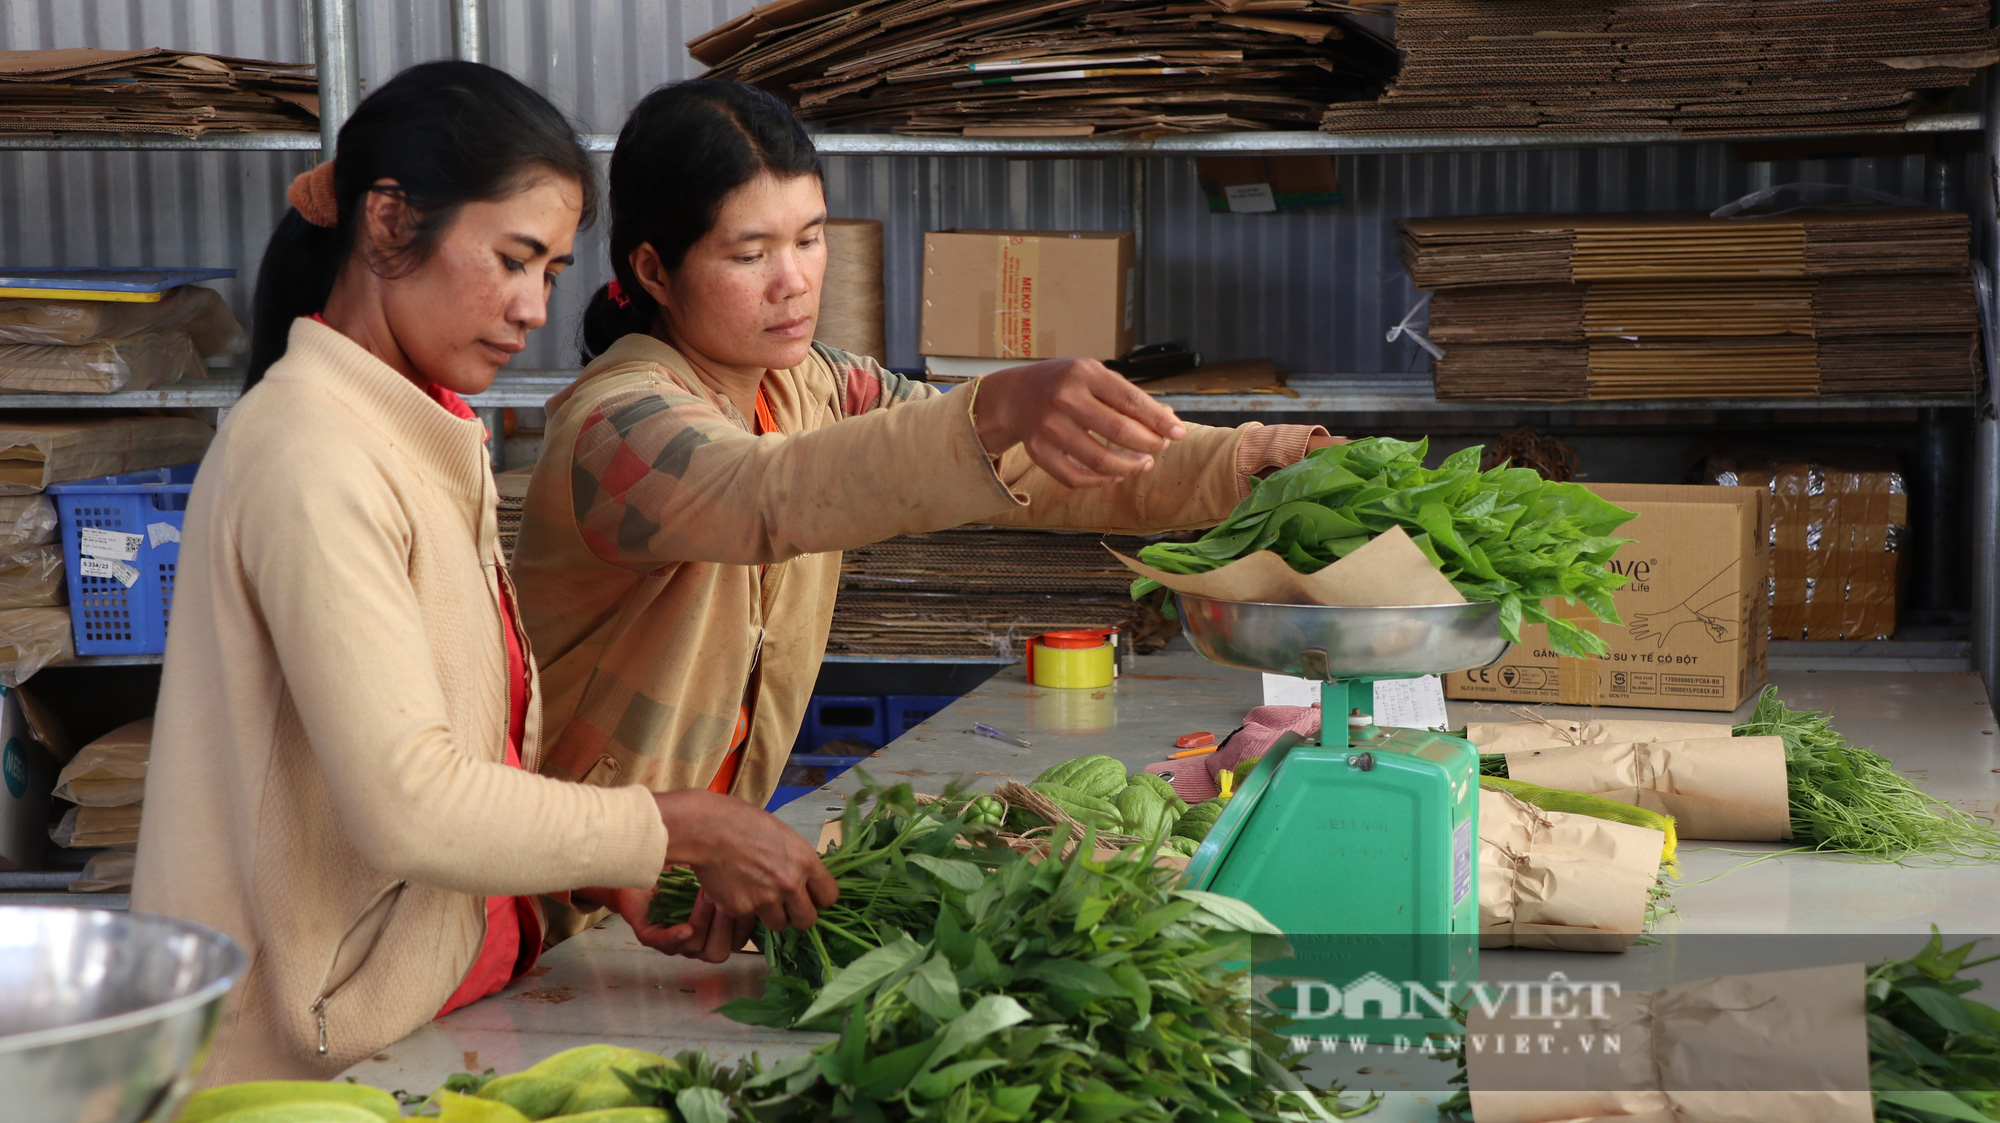 Về Ma Đanh xem các mẹ người Churu làm rau hữu cơ, bán giá cao không lo Covid-19 - Ảnh 2.